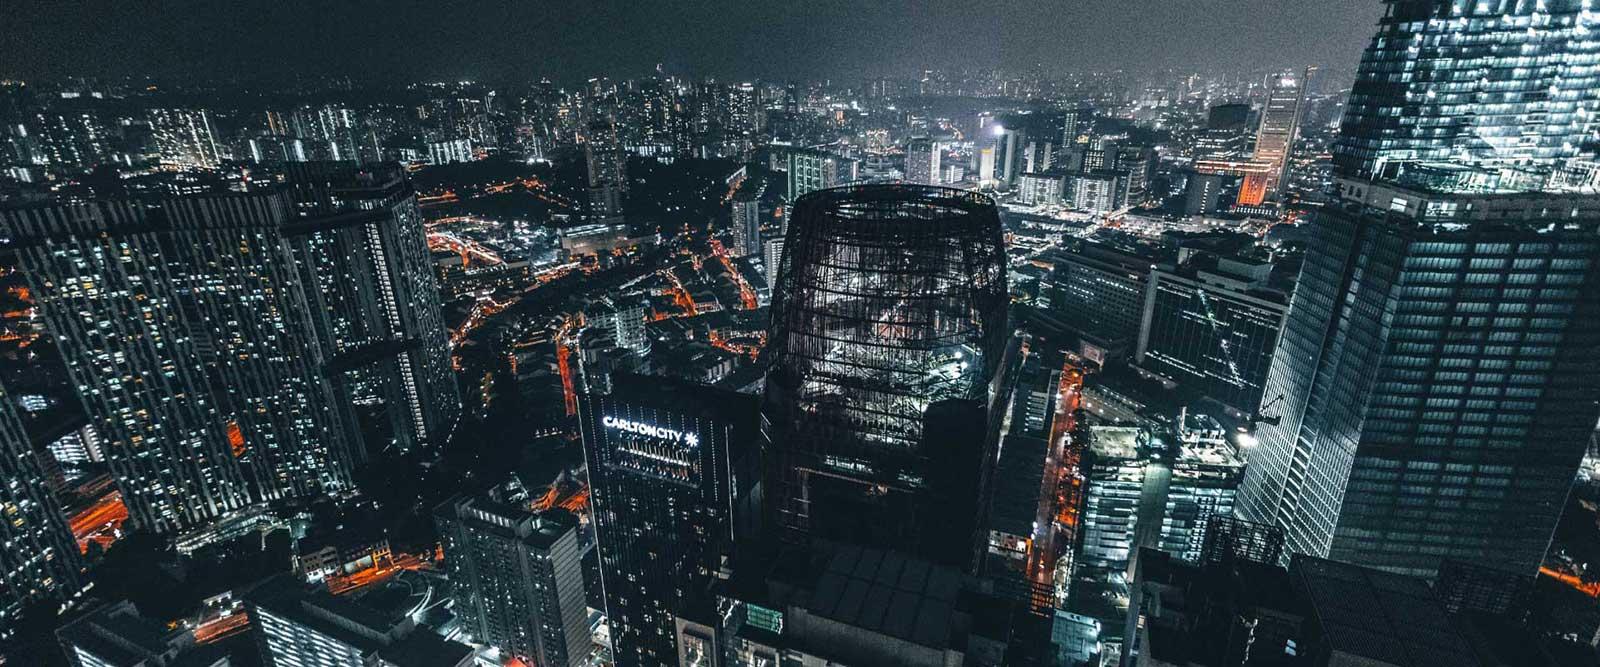 Large cityscape background